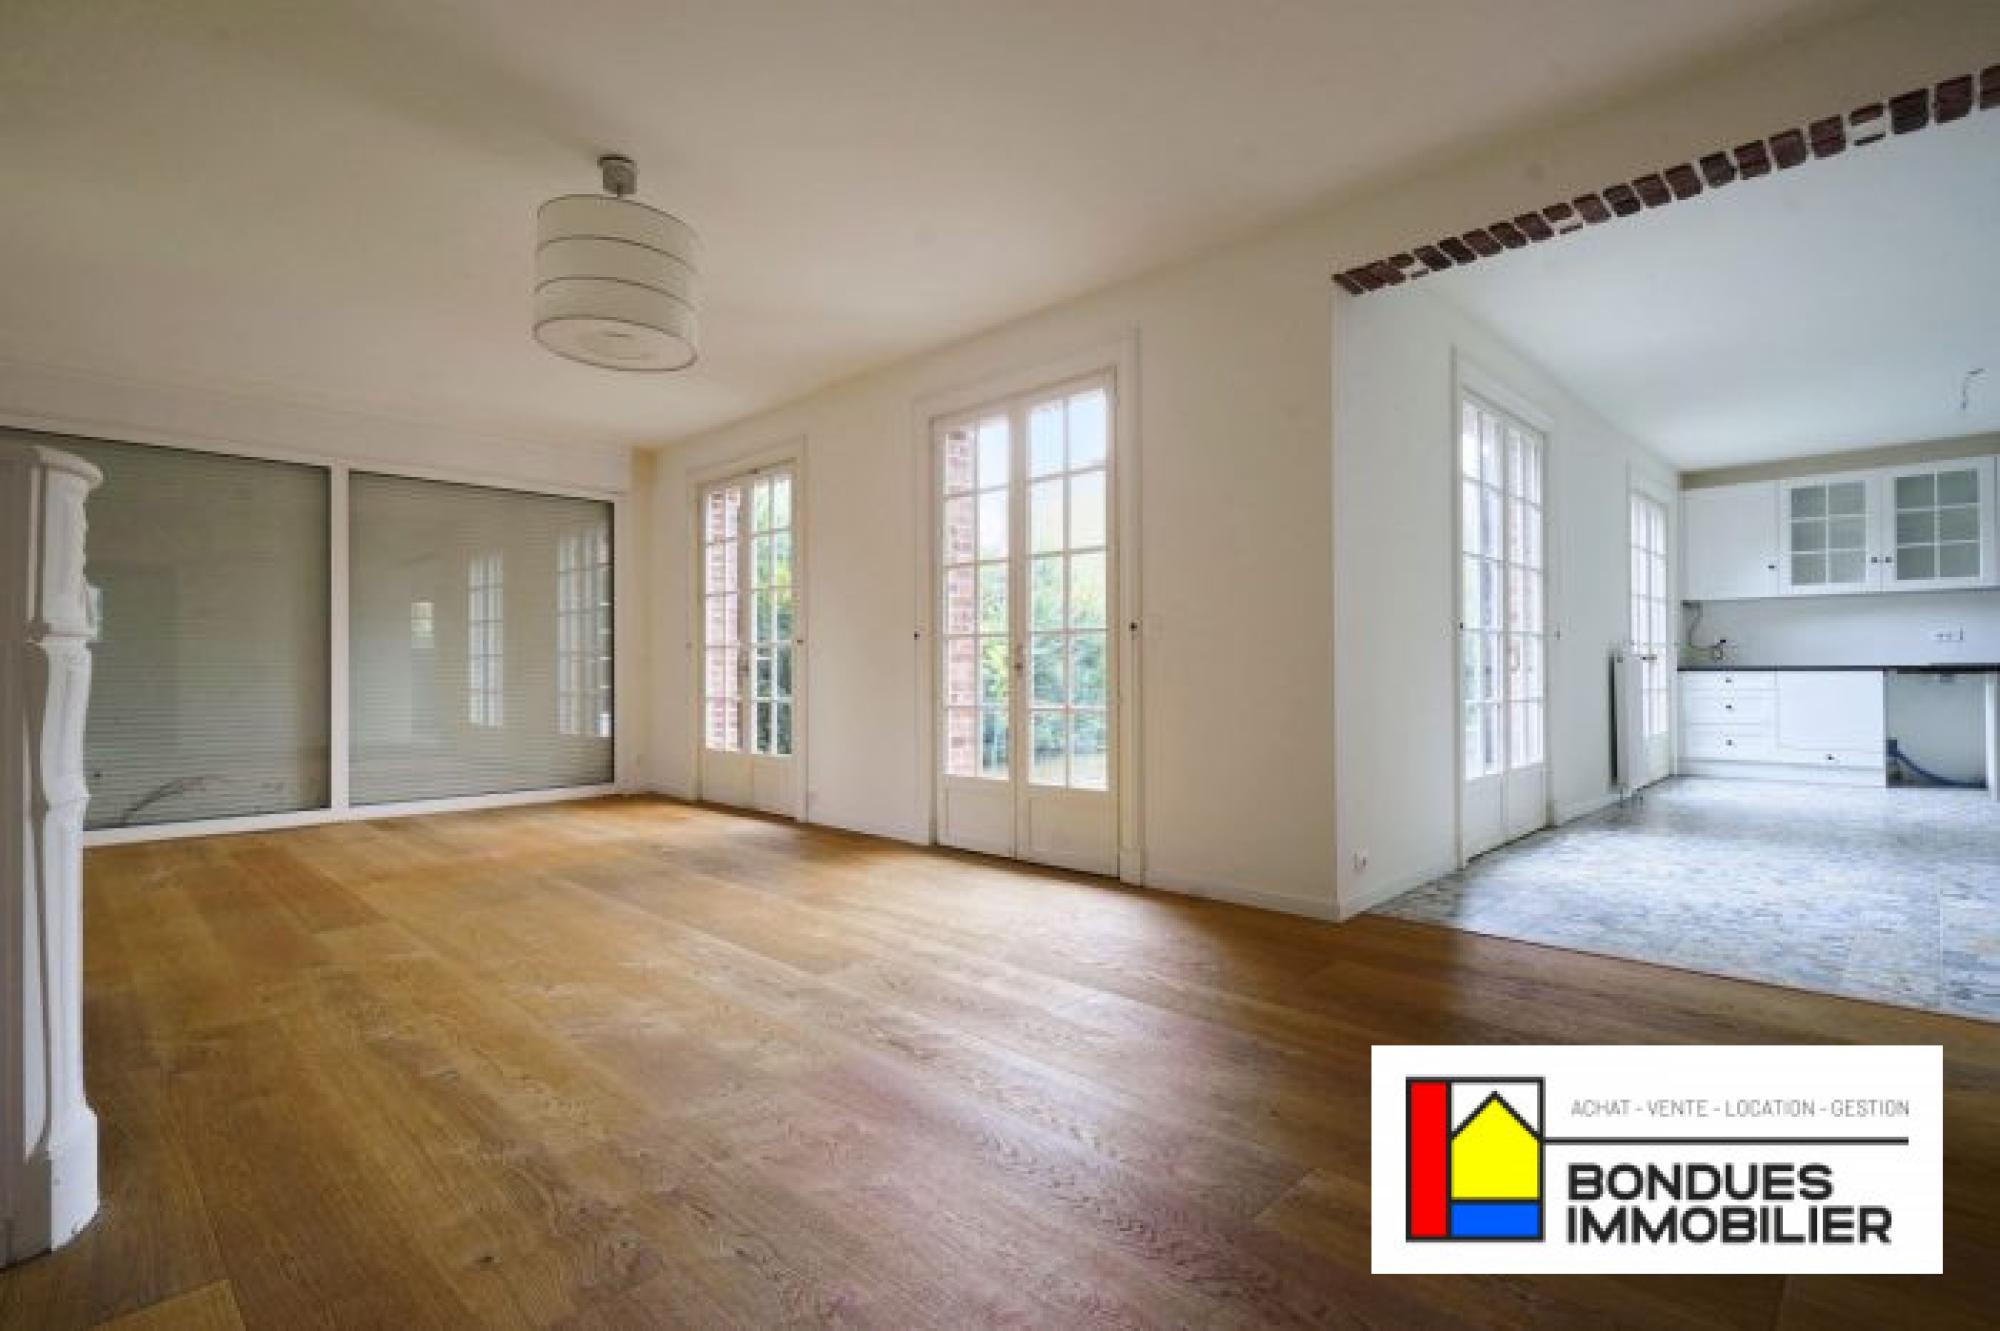 vente maison bondues refVM420 (5)